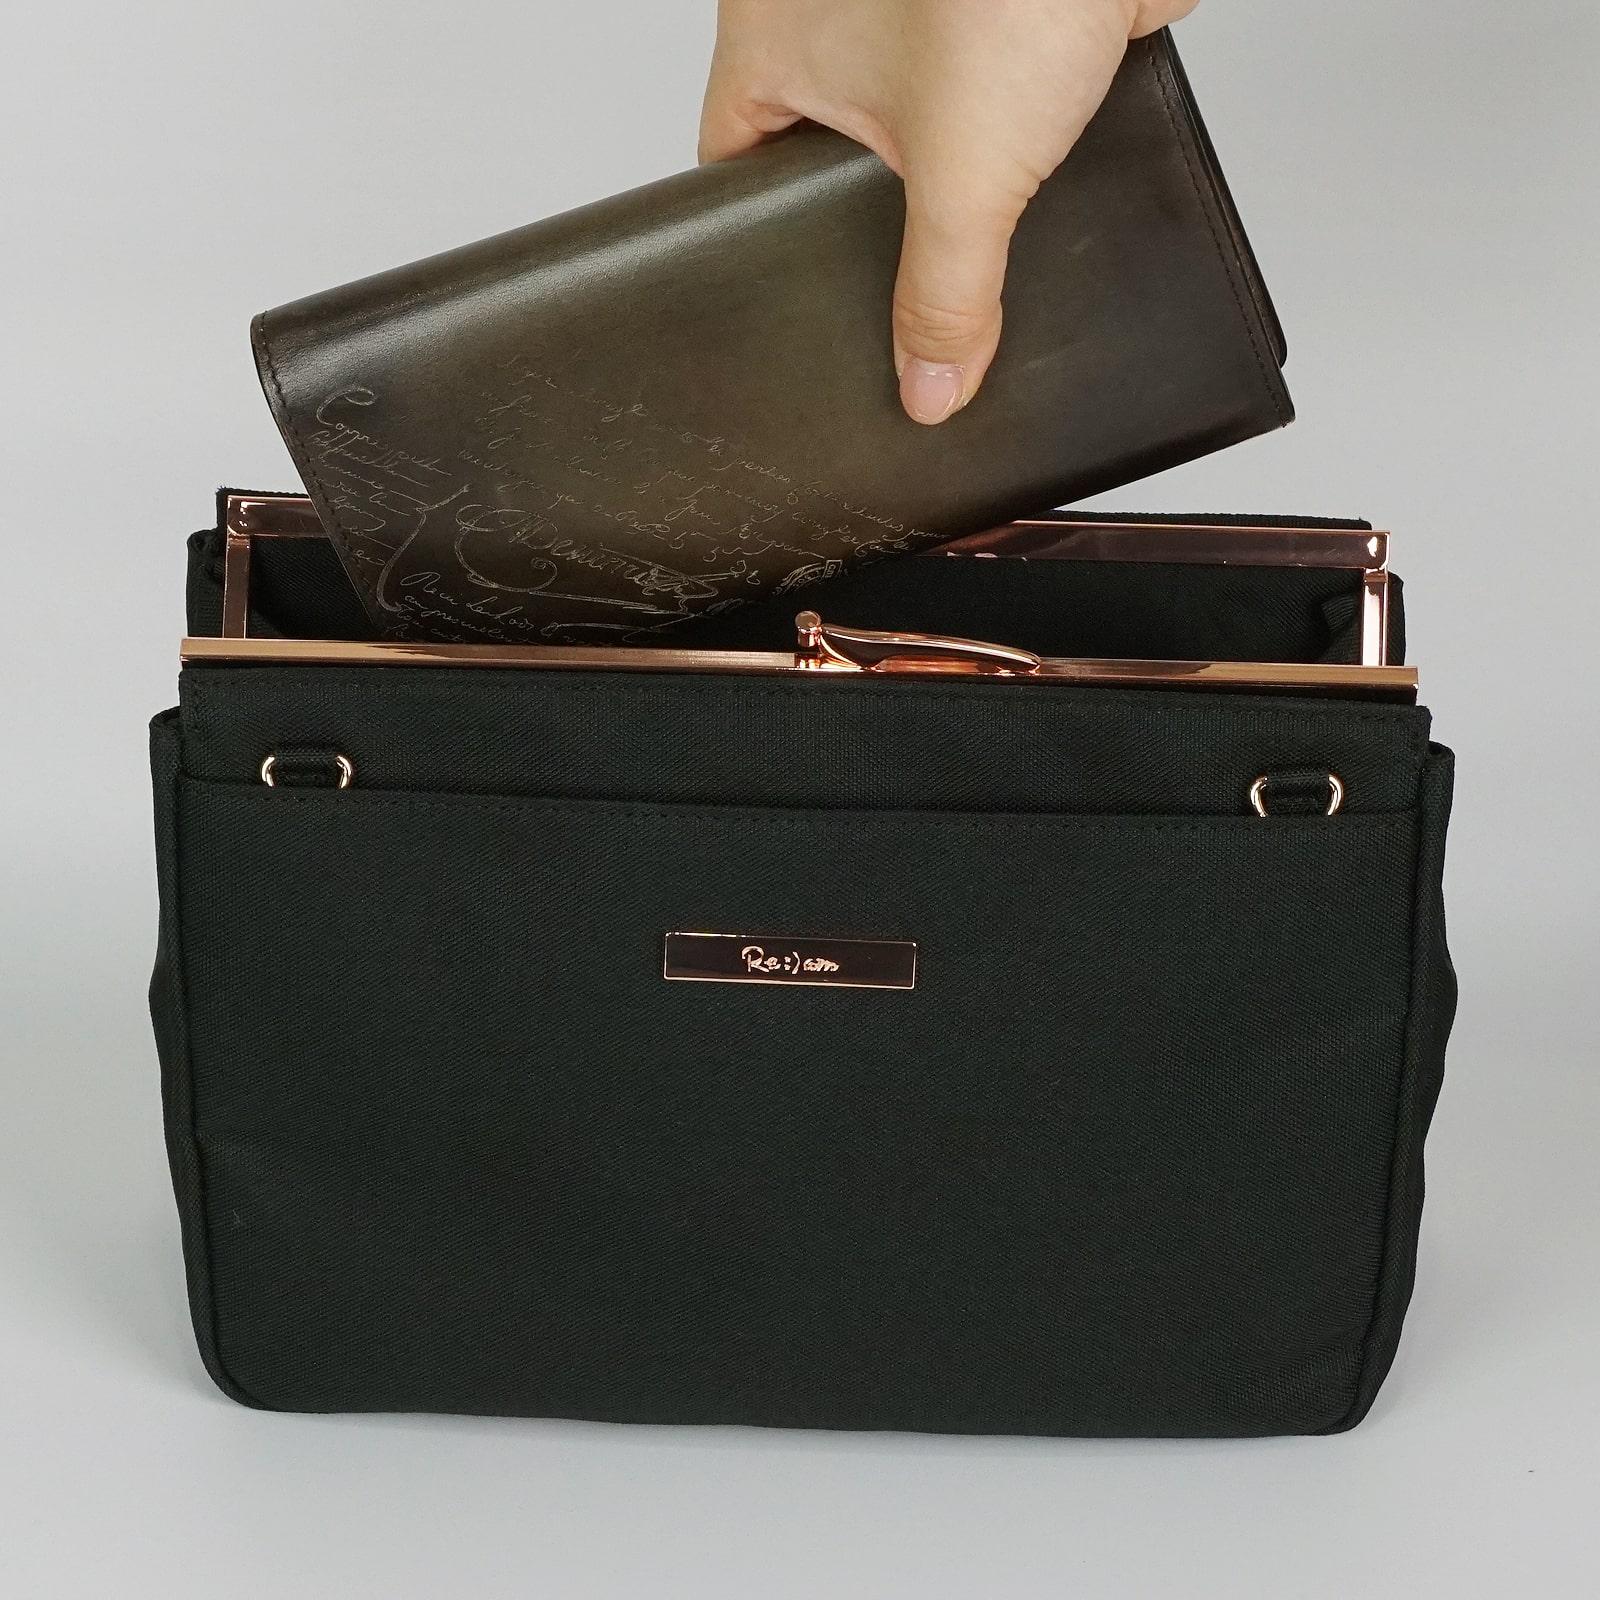 貴重品の長財布がストレス無く入る